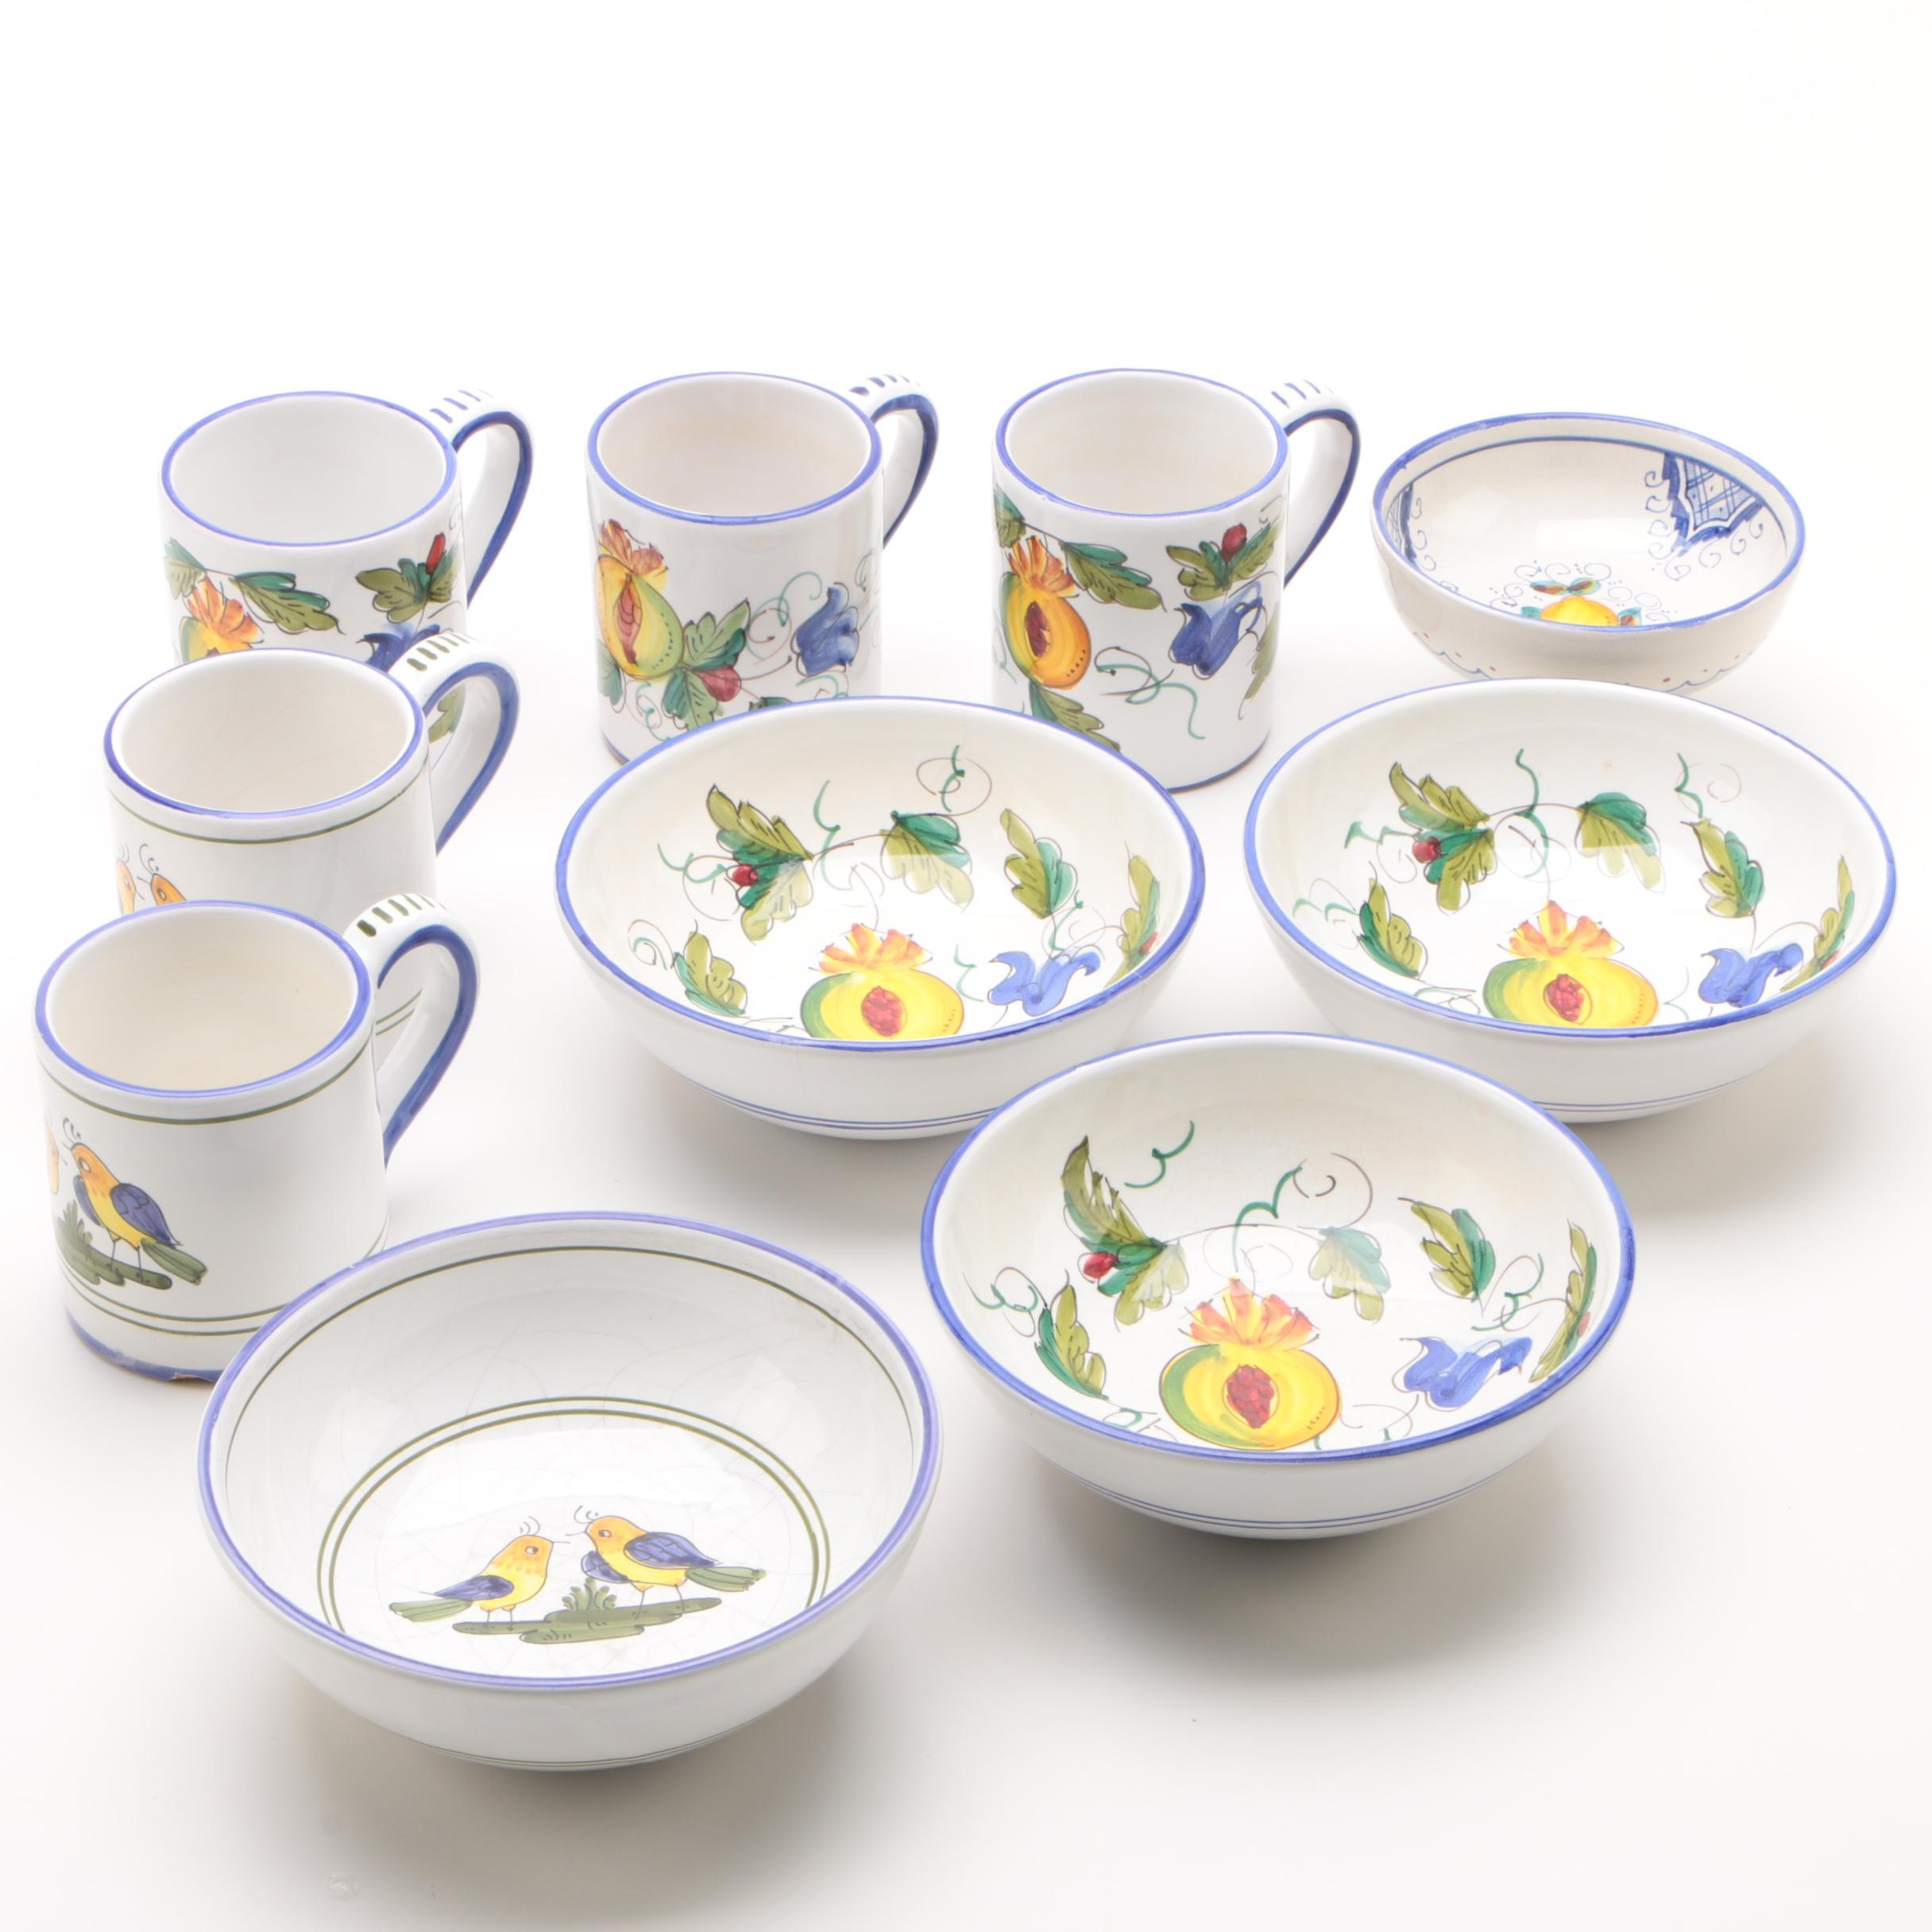 Italian Deruta for Creme de la Creme Bowls and Mugs